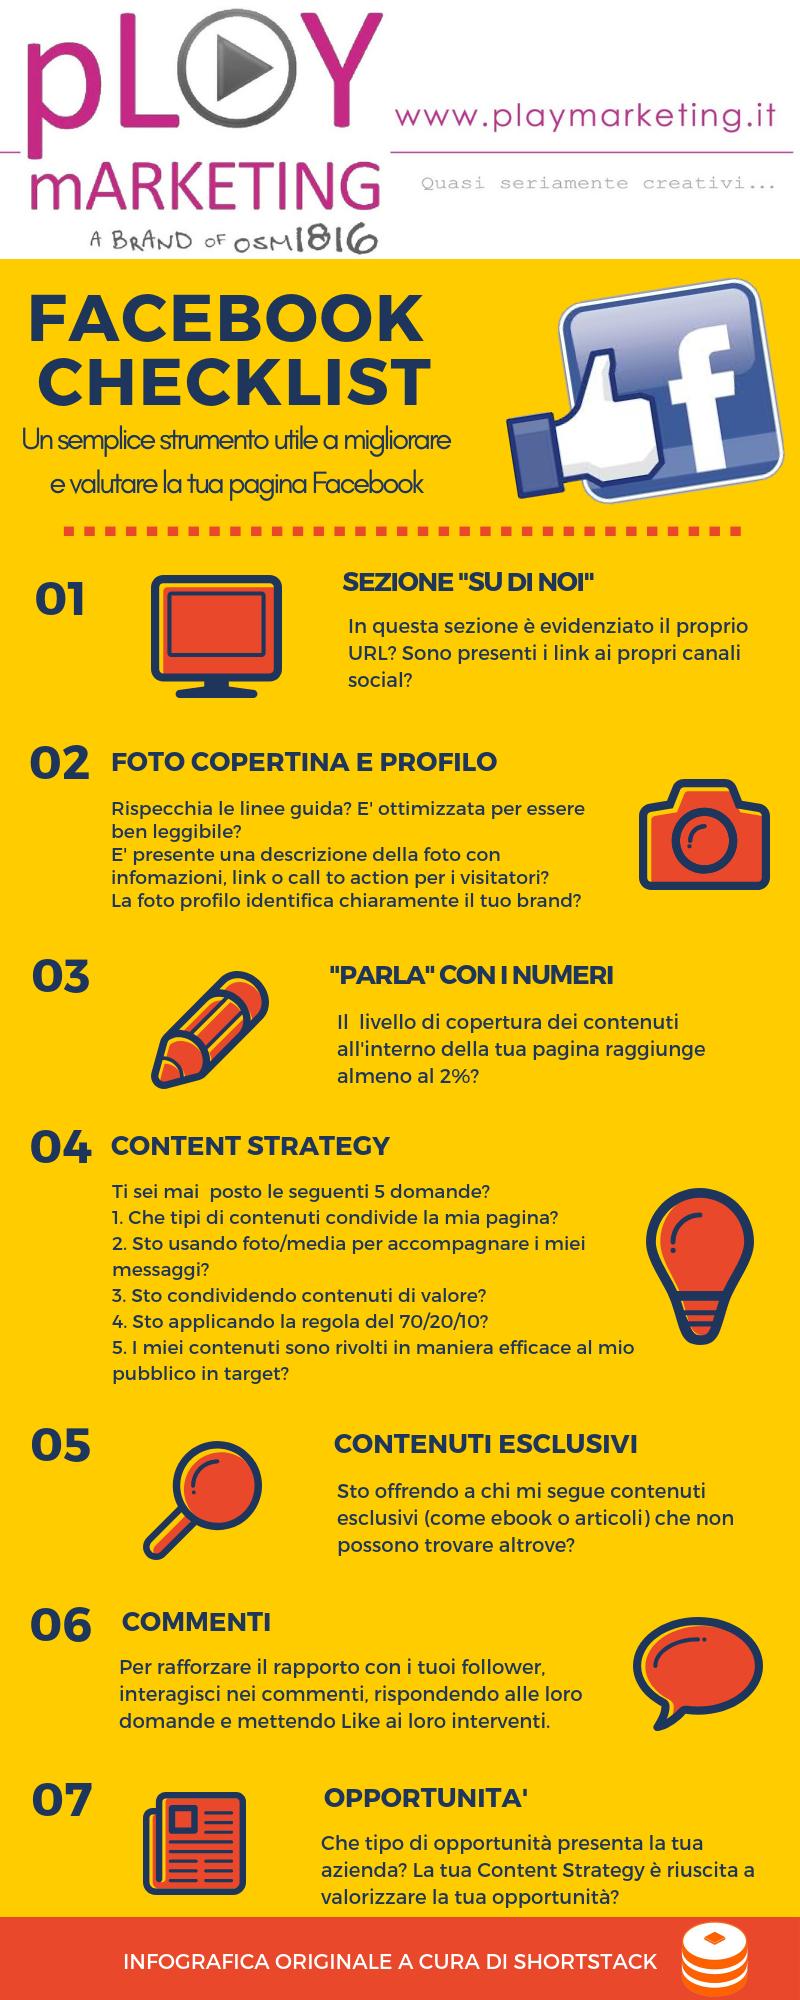 Pagina Facebook checklist